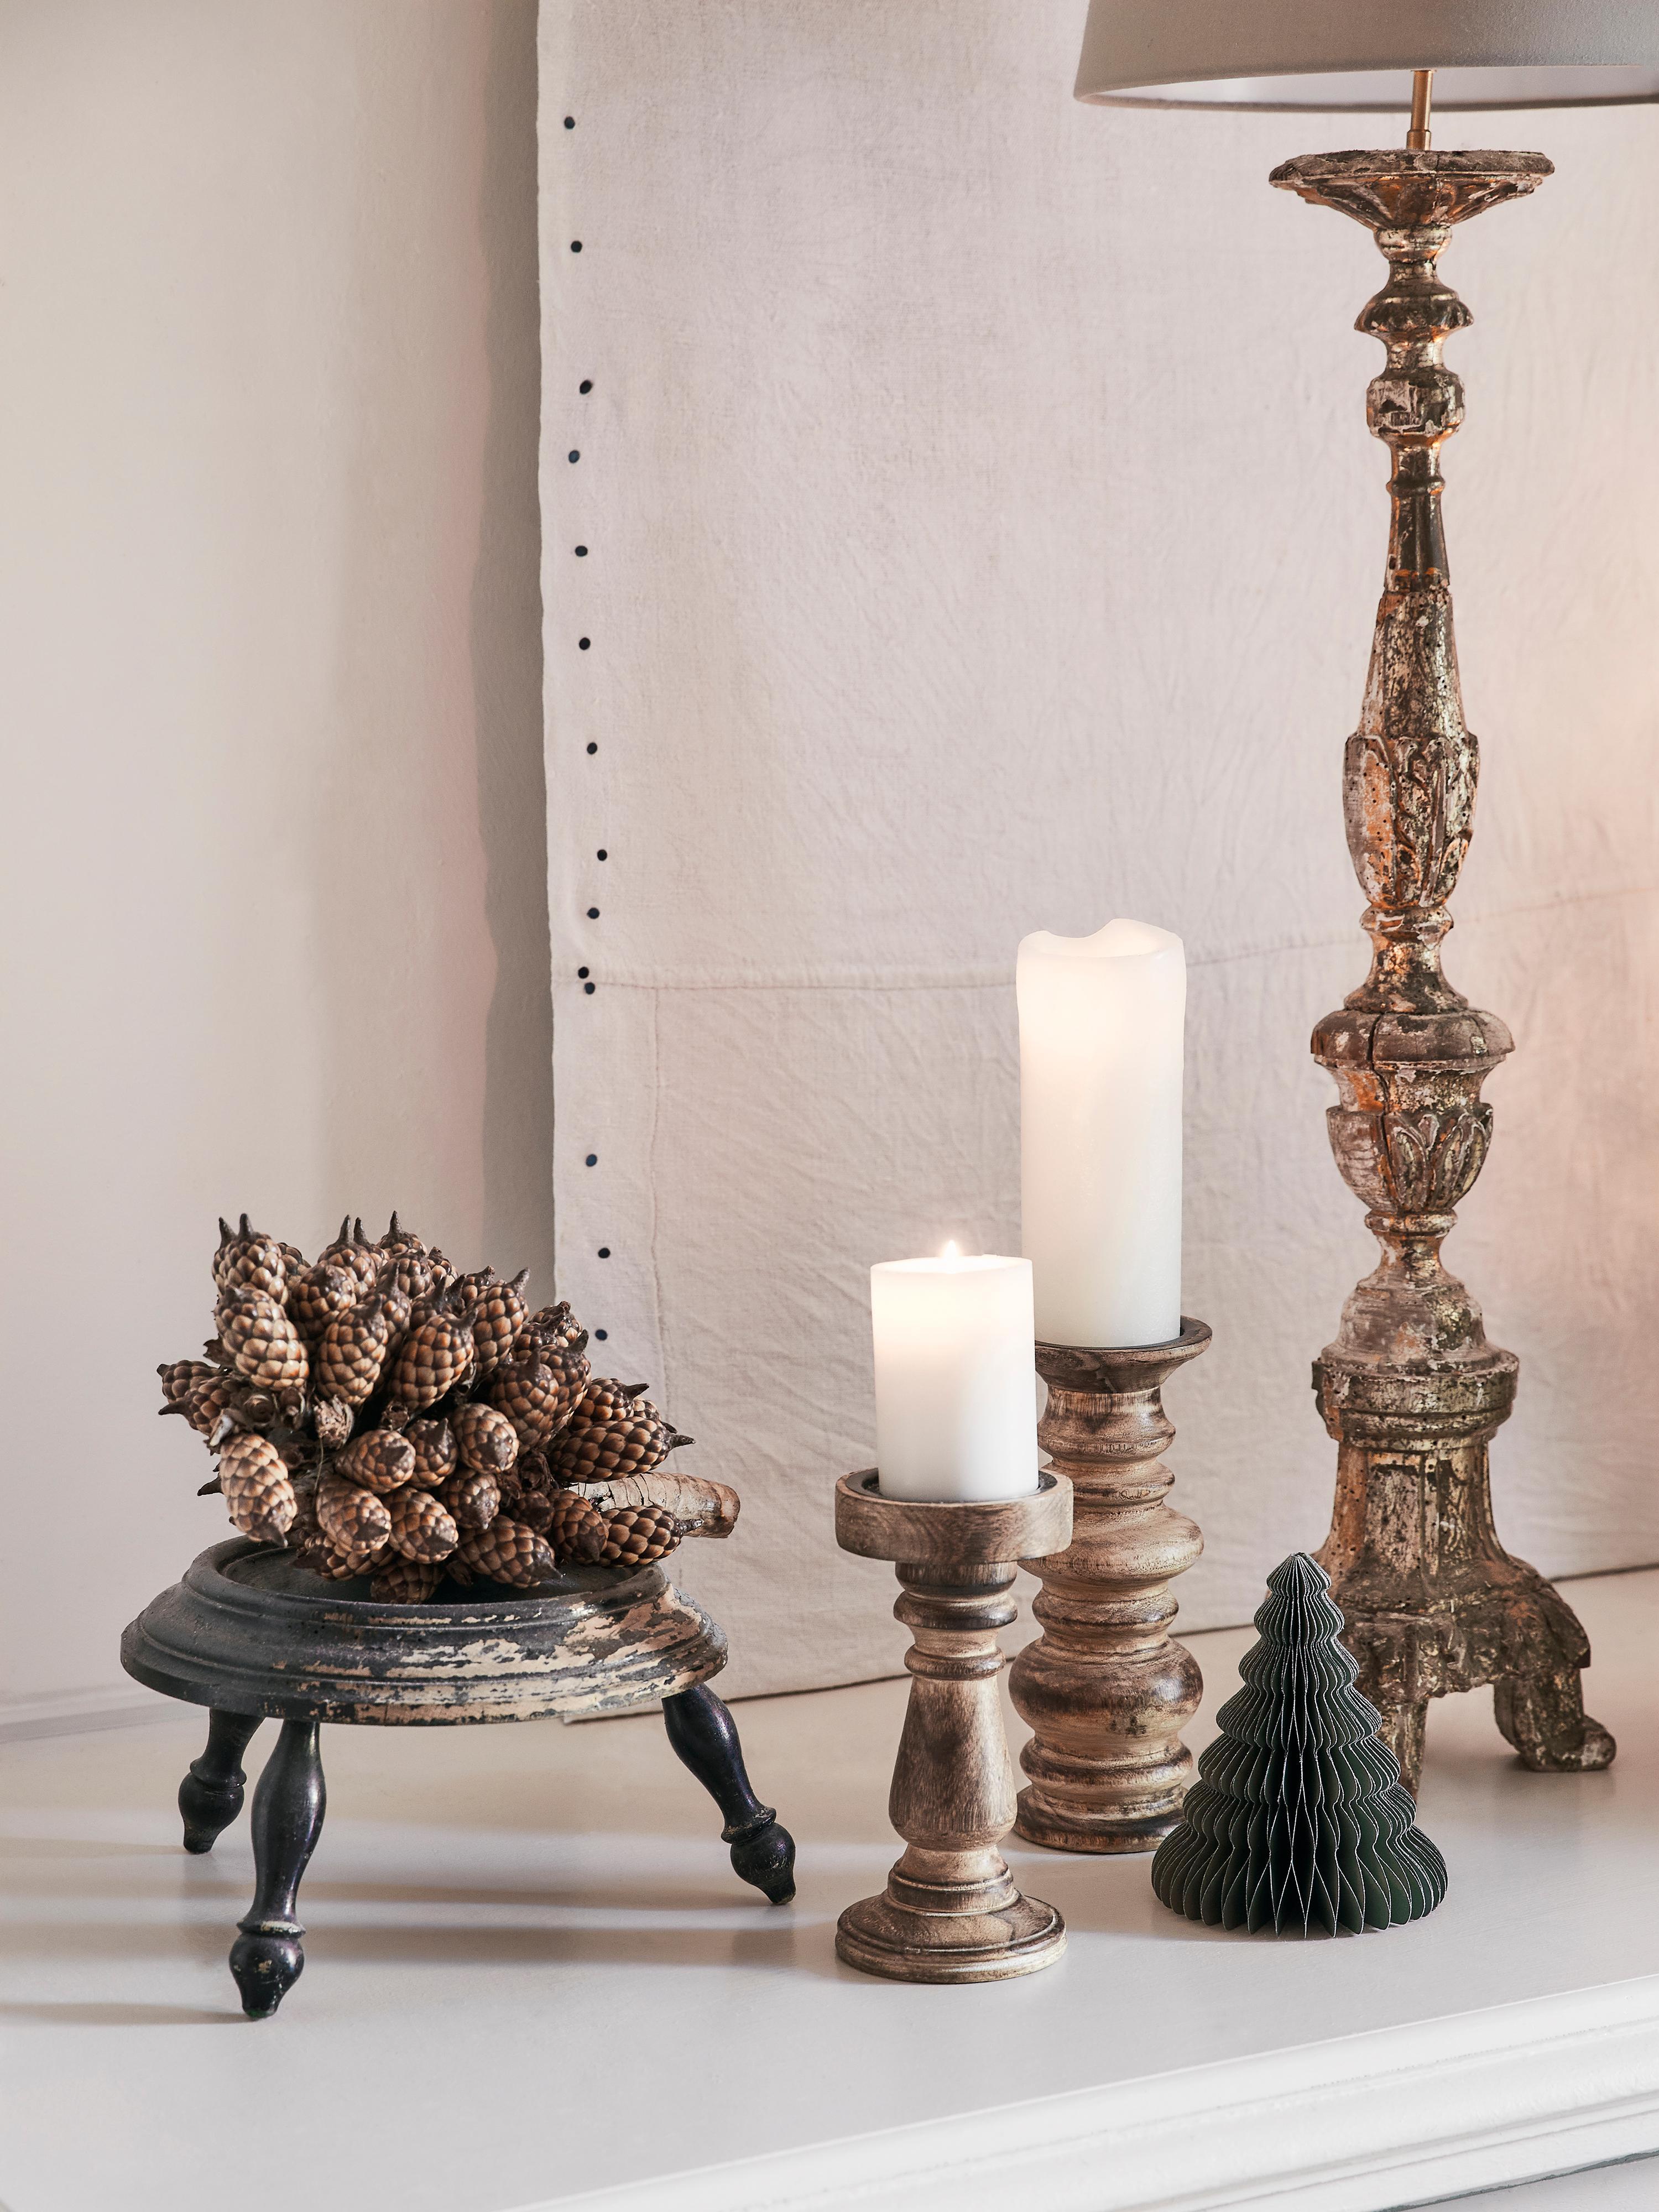 Kerzenhalter Stili, Mangoholz, Braun, Ø 10 x H 25 cm